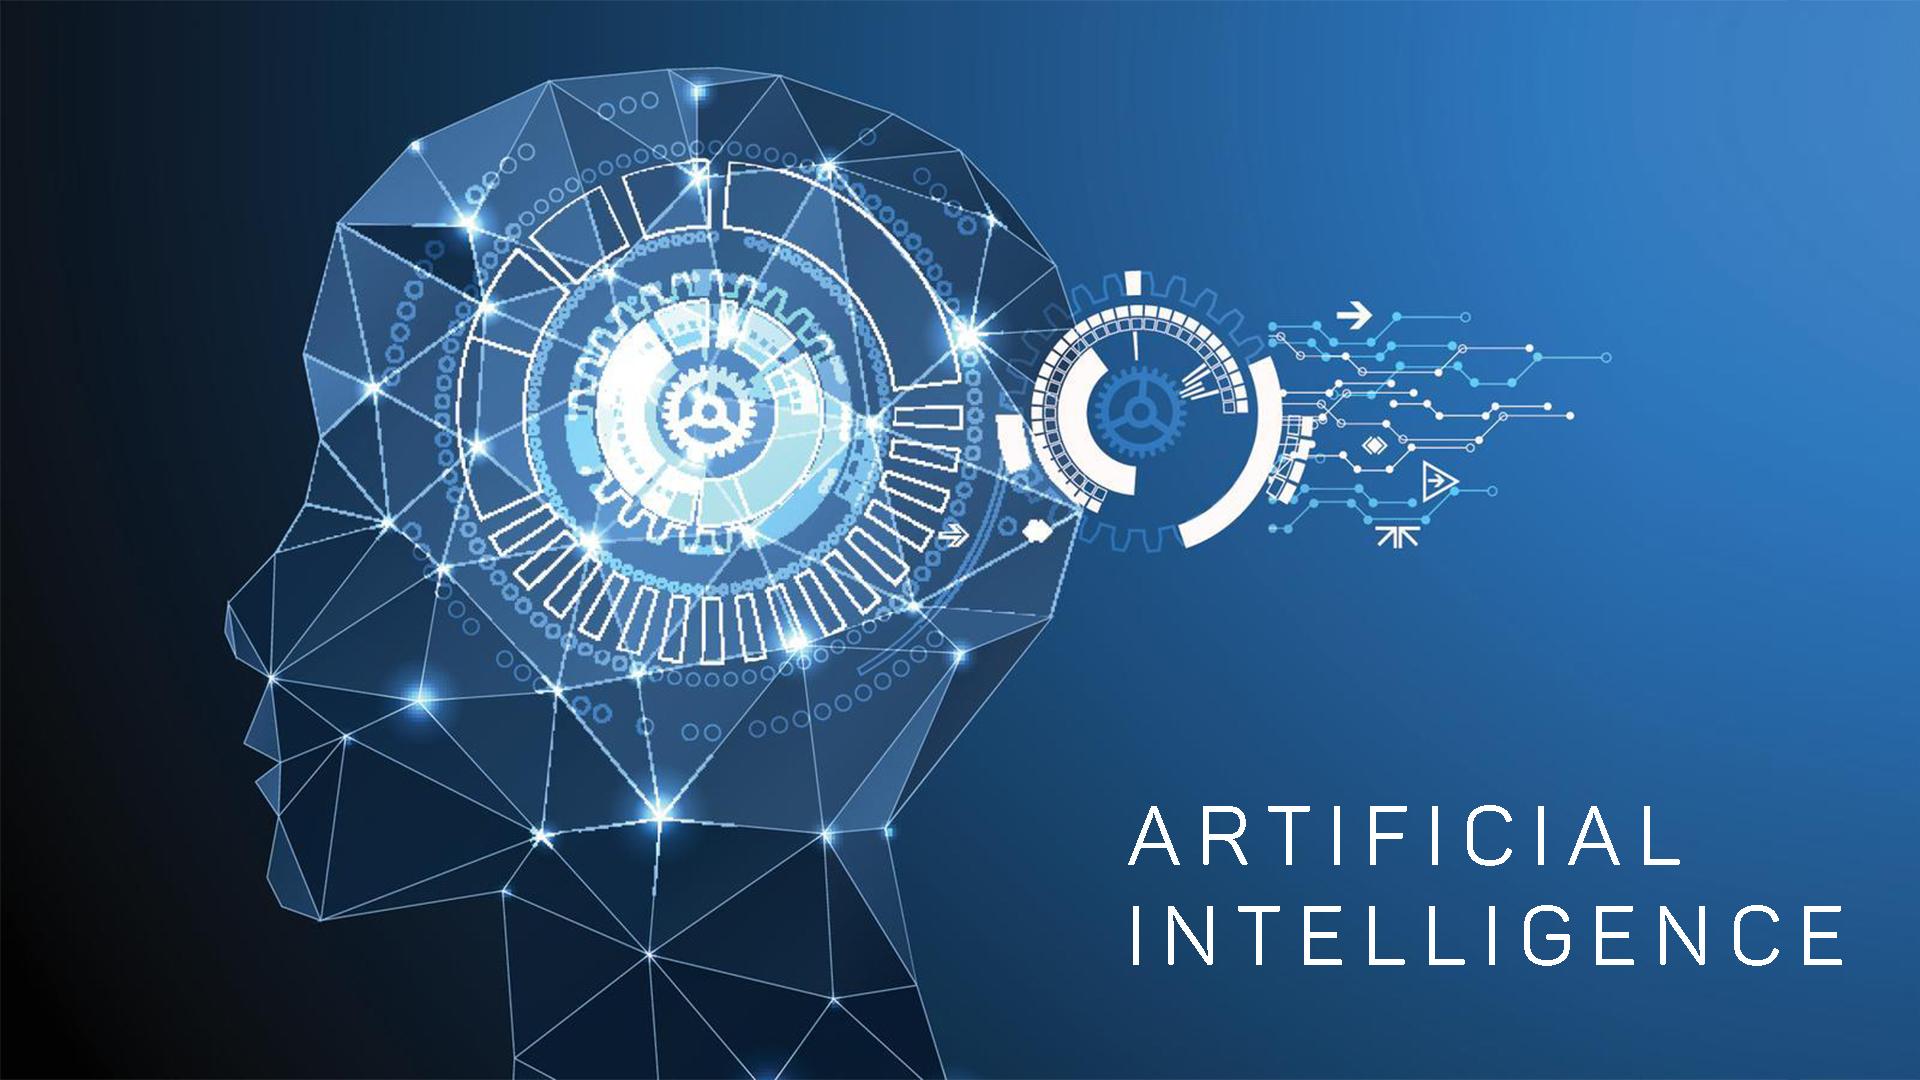 Si tu empresa se hace más inteligente, ¡tú te haces más inteligente! (IA aplicada al mercado b2b)